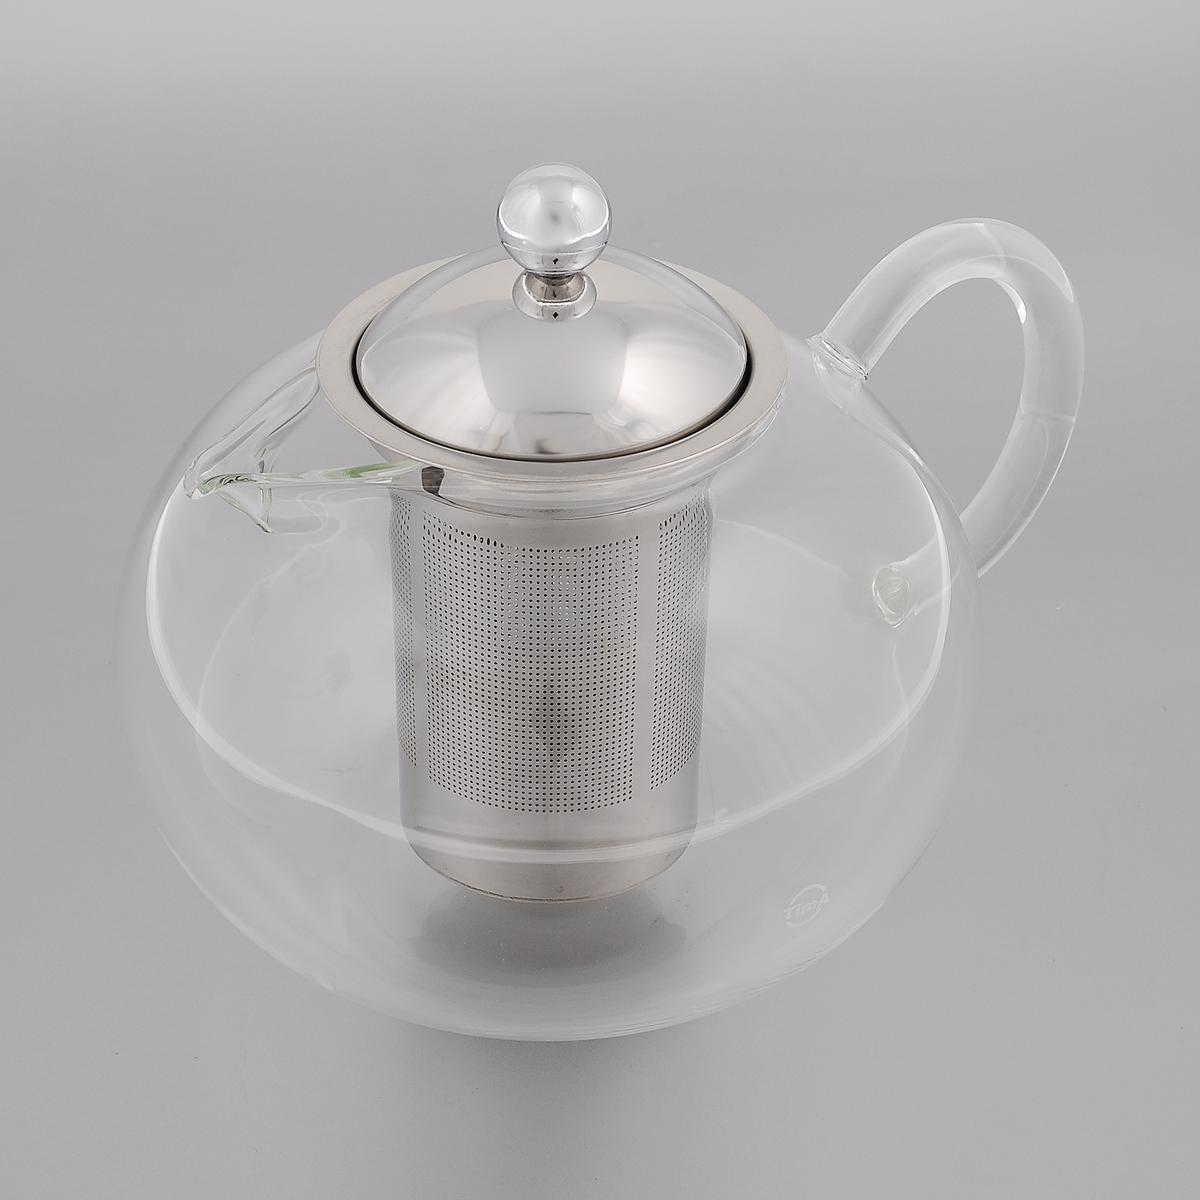 Чайник заварочный TimA Жасмин, 1,5 л54 009312Заварочный чайник TimA Жасмин изготовлен из термостойкого боросиликатного стекла - прочного износостойкого материала. Чайник оснащен фильтром и крышкой из нержавеющей стали.Простой и удобный чайник поможет вам приготовить крепкий, ароматный чай. Дизайн изделия создает гипнотическую атмосферу через сочетание полупрозрачного цвета и хромированных элементов. Можно мыть в посудомоечной машине. Не использовать в микроволновой печи.Диаметр (по верхнему краю): 7,5 см.Высота (без учета крышки): 10,5 см.Высота фильтра: 10 см.